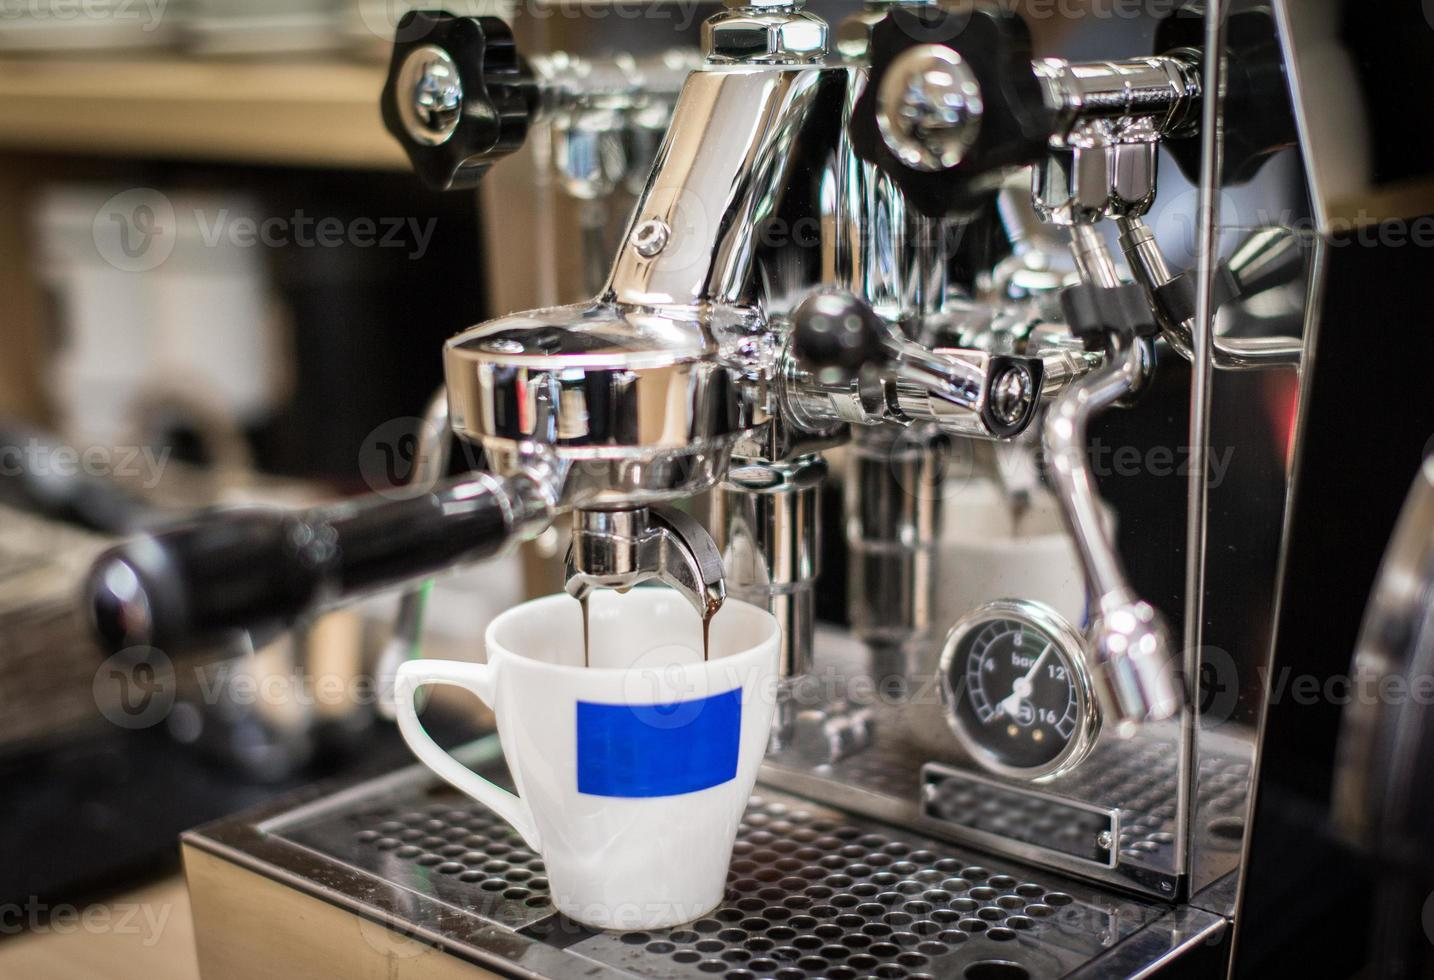 espresso maken met een klassiek Italiaans design koffiezetapparaat foto